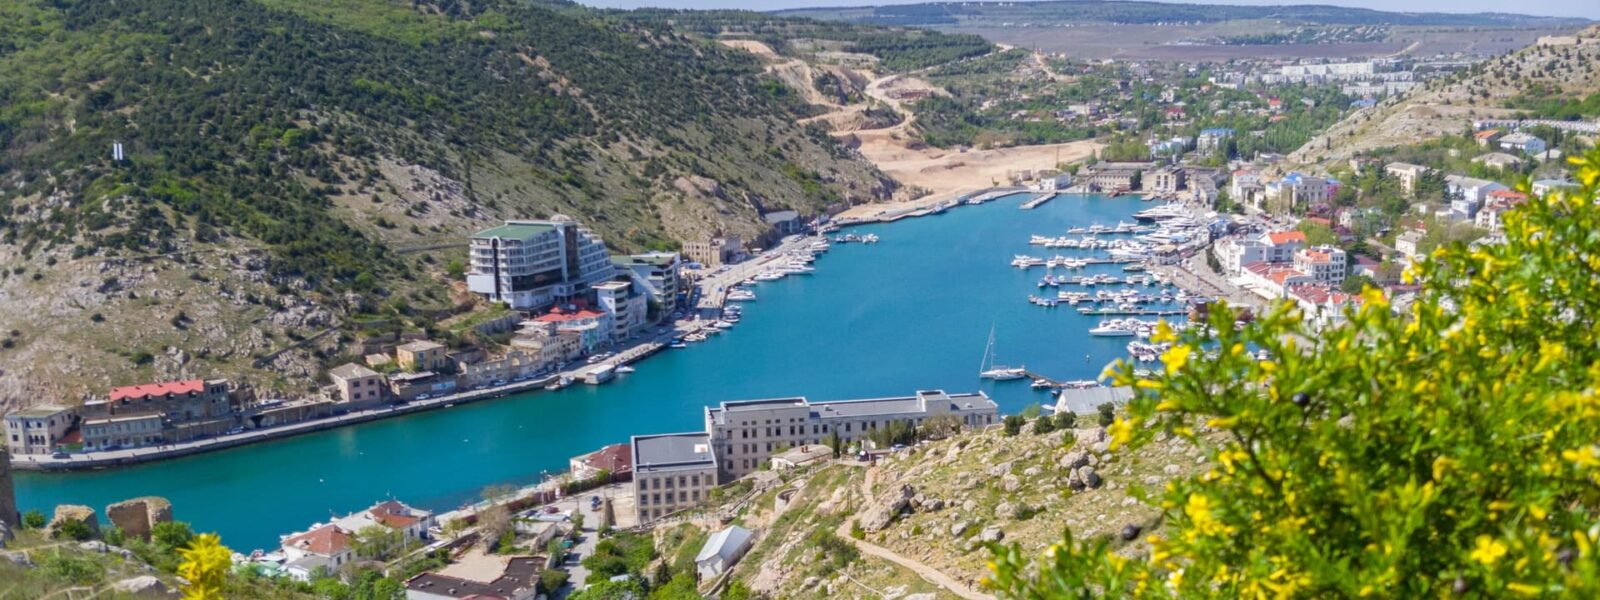 Что посмотреть при отдыхе в Крыму TakeCars выгодные цены